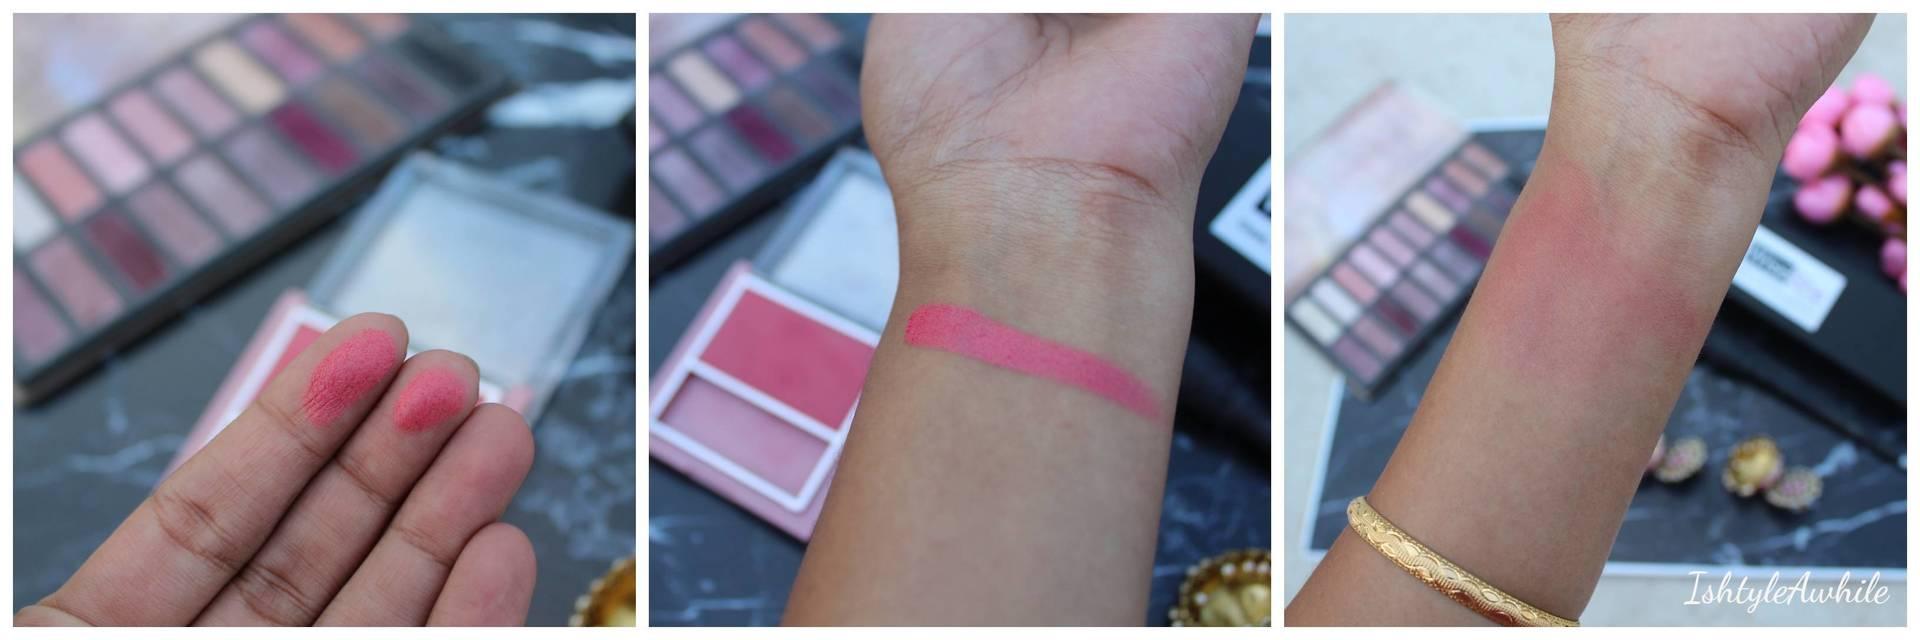 IshtyleAwhile - lakme 9 to 5 peach affair blush review ishtyleawhile